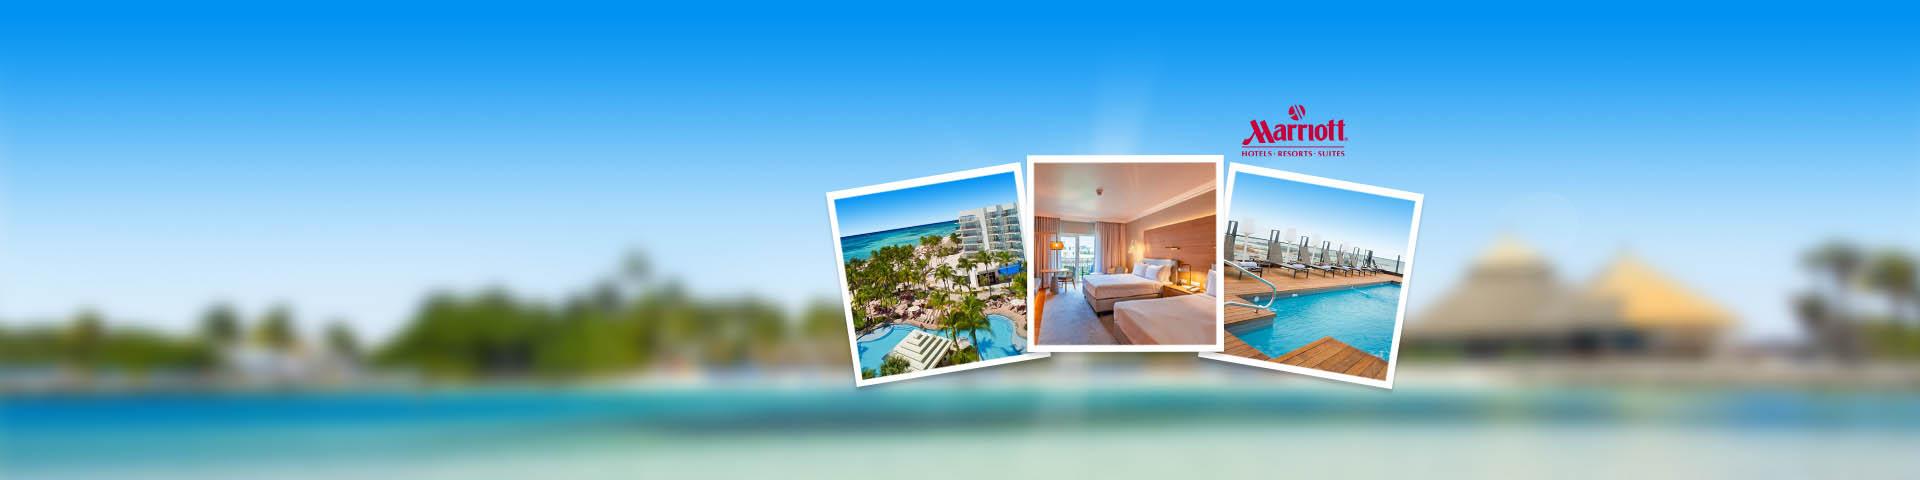 Foto's van faciliteiten van Mariott hotels en resorts